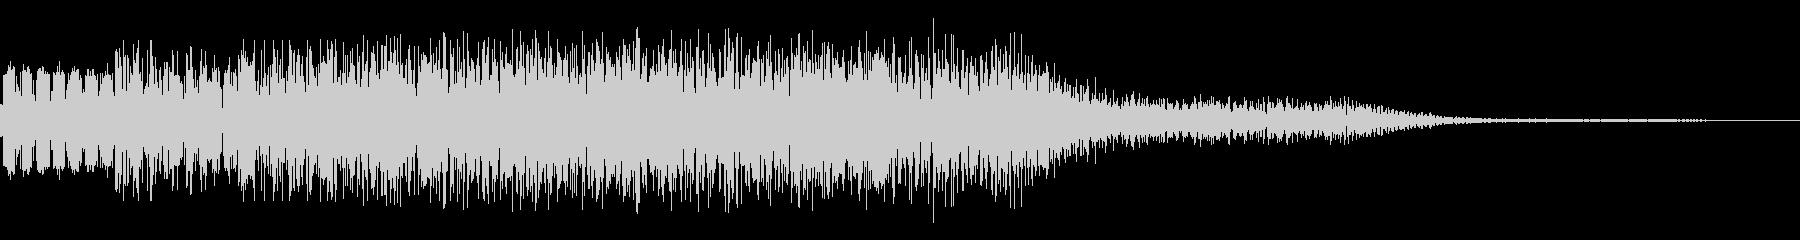 チャラッというキラキラ音です。の未再生の波形